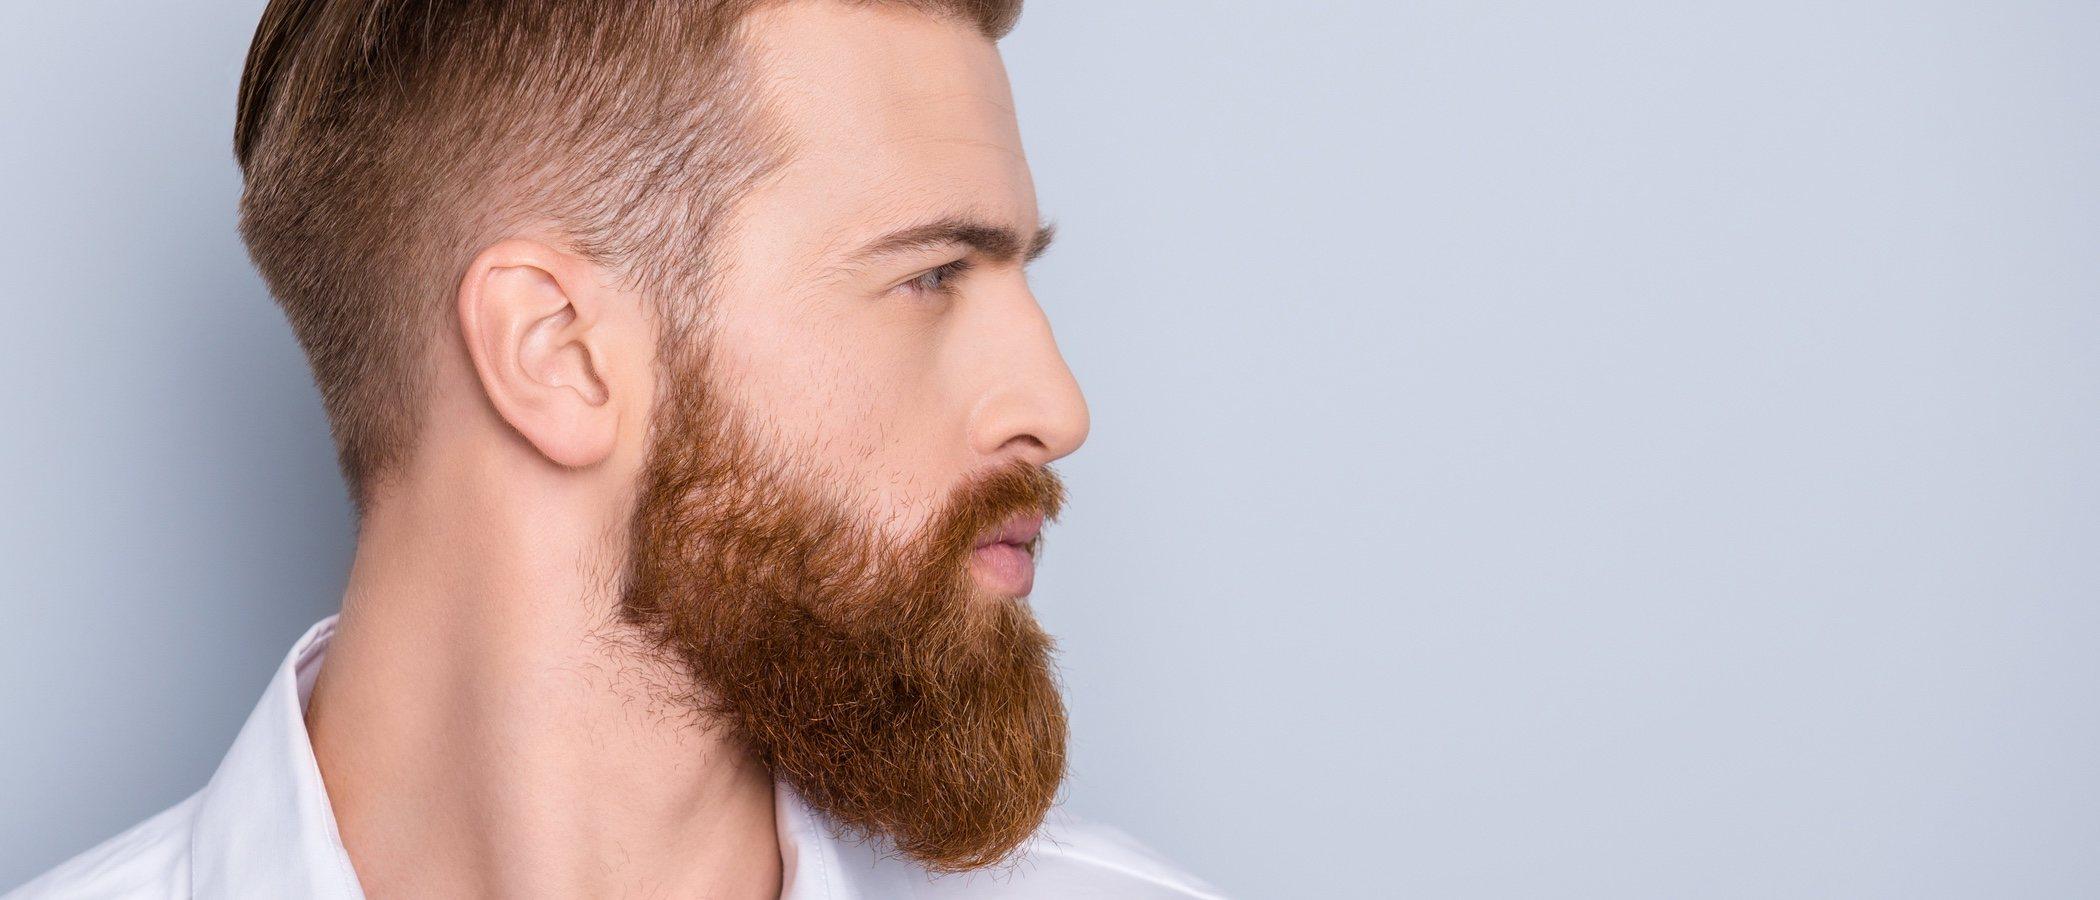 Tipos de barba: elige la que mejor te sienta según la forma de tu cara